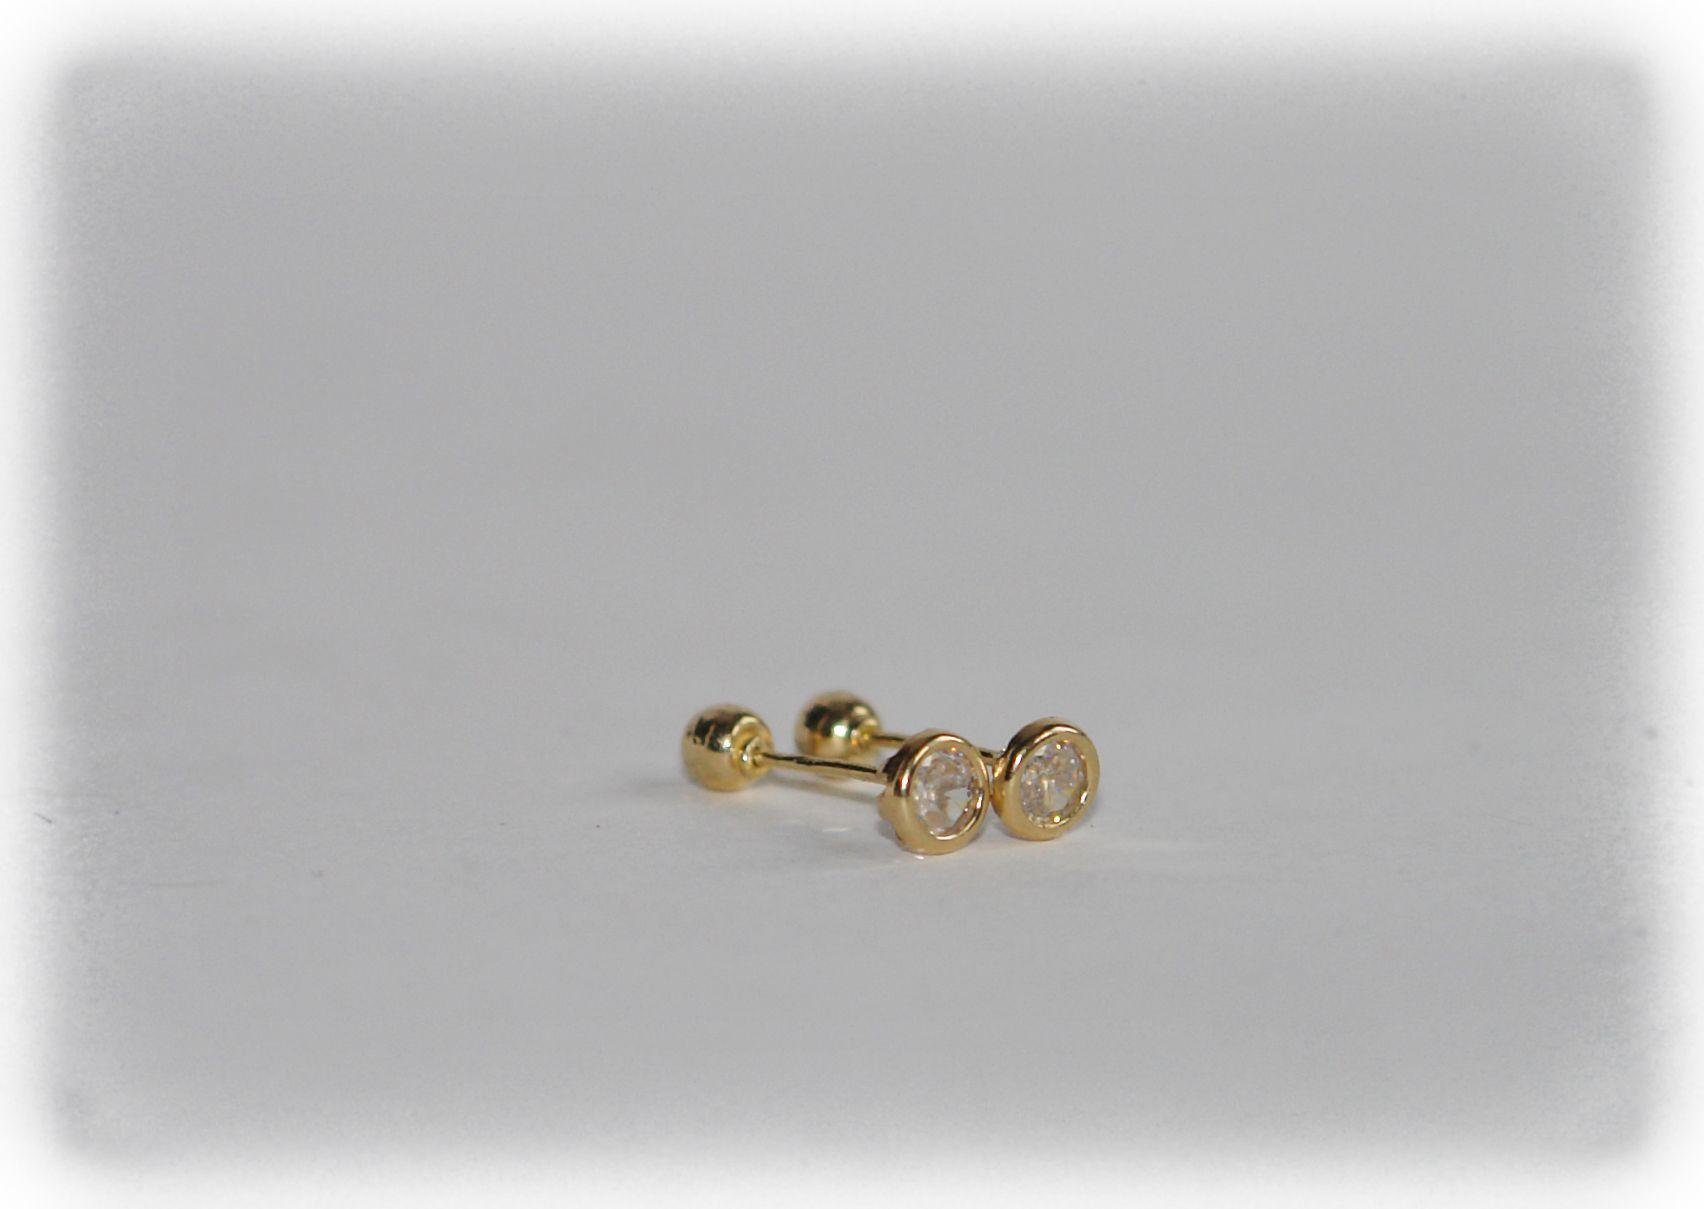 89161dee2b8c Ligeros Broqueles en oro 10 kilates de 2mm bicelado con zirconia blanca